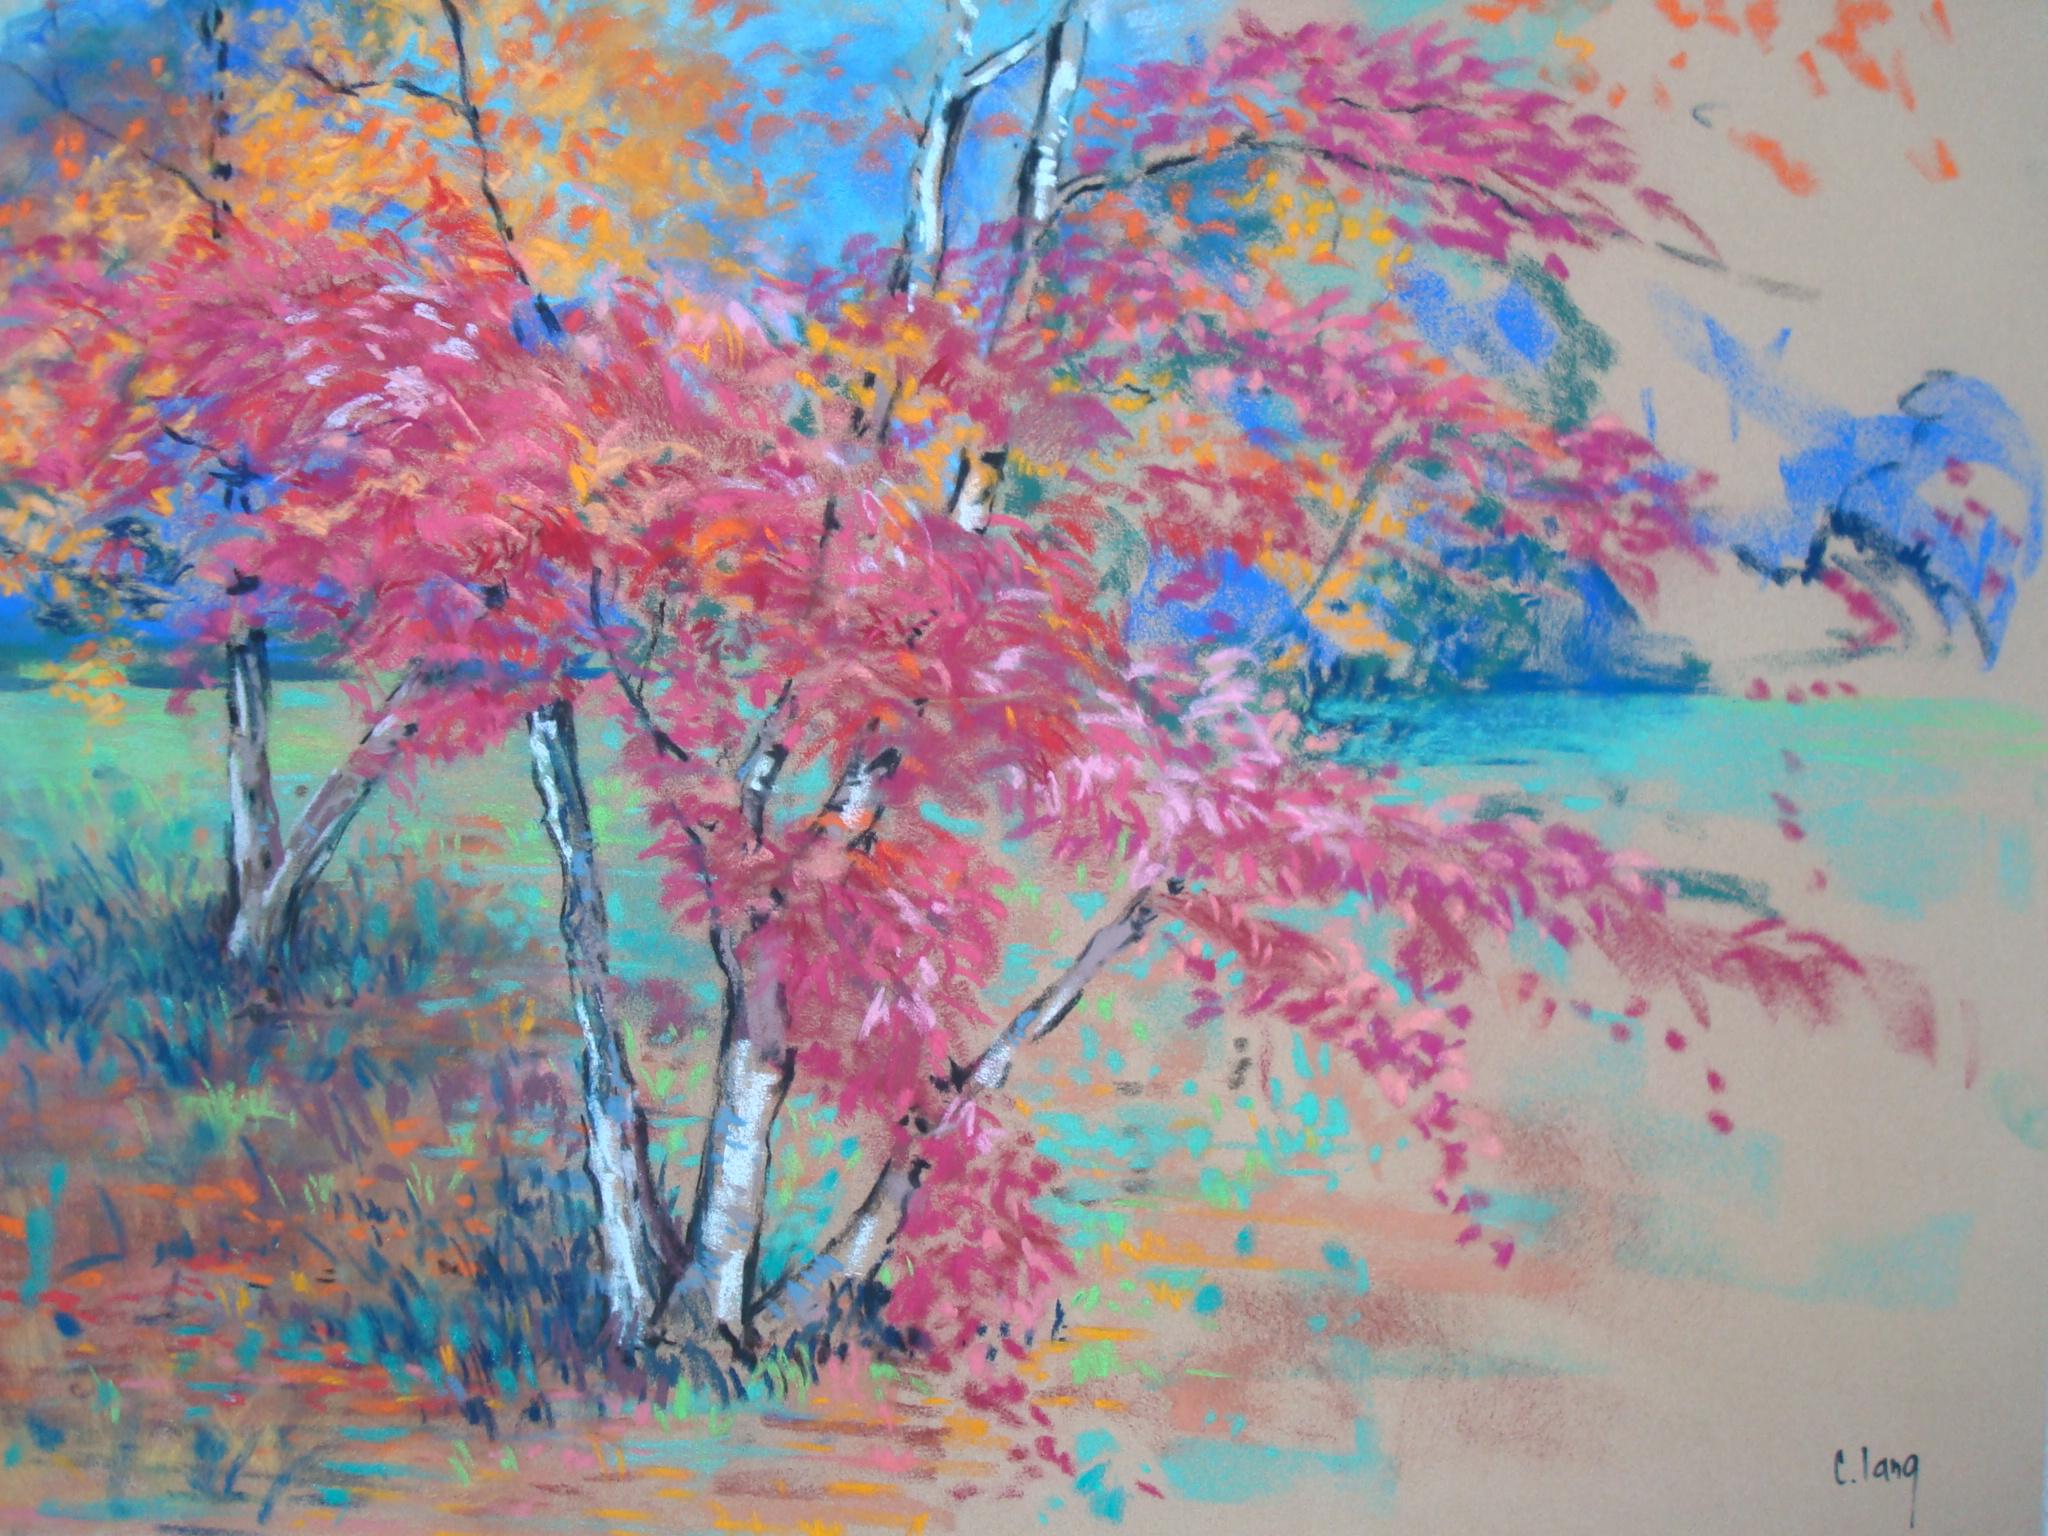 Violet clang artiste peintre for Peinture pastel gras